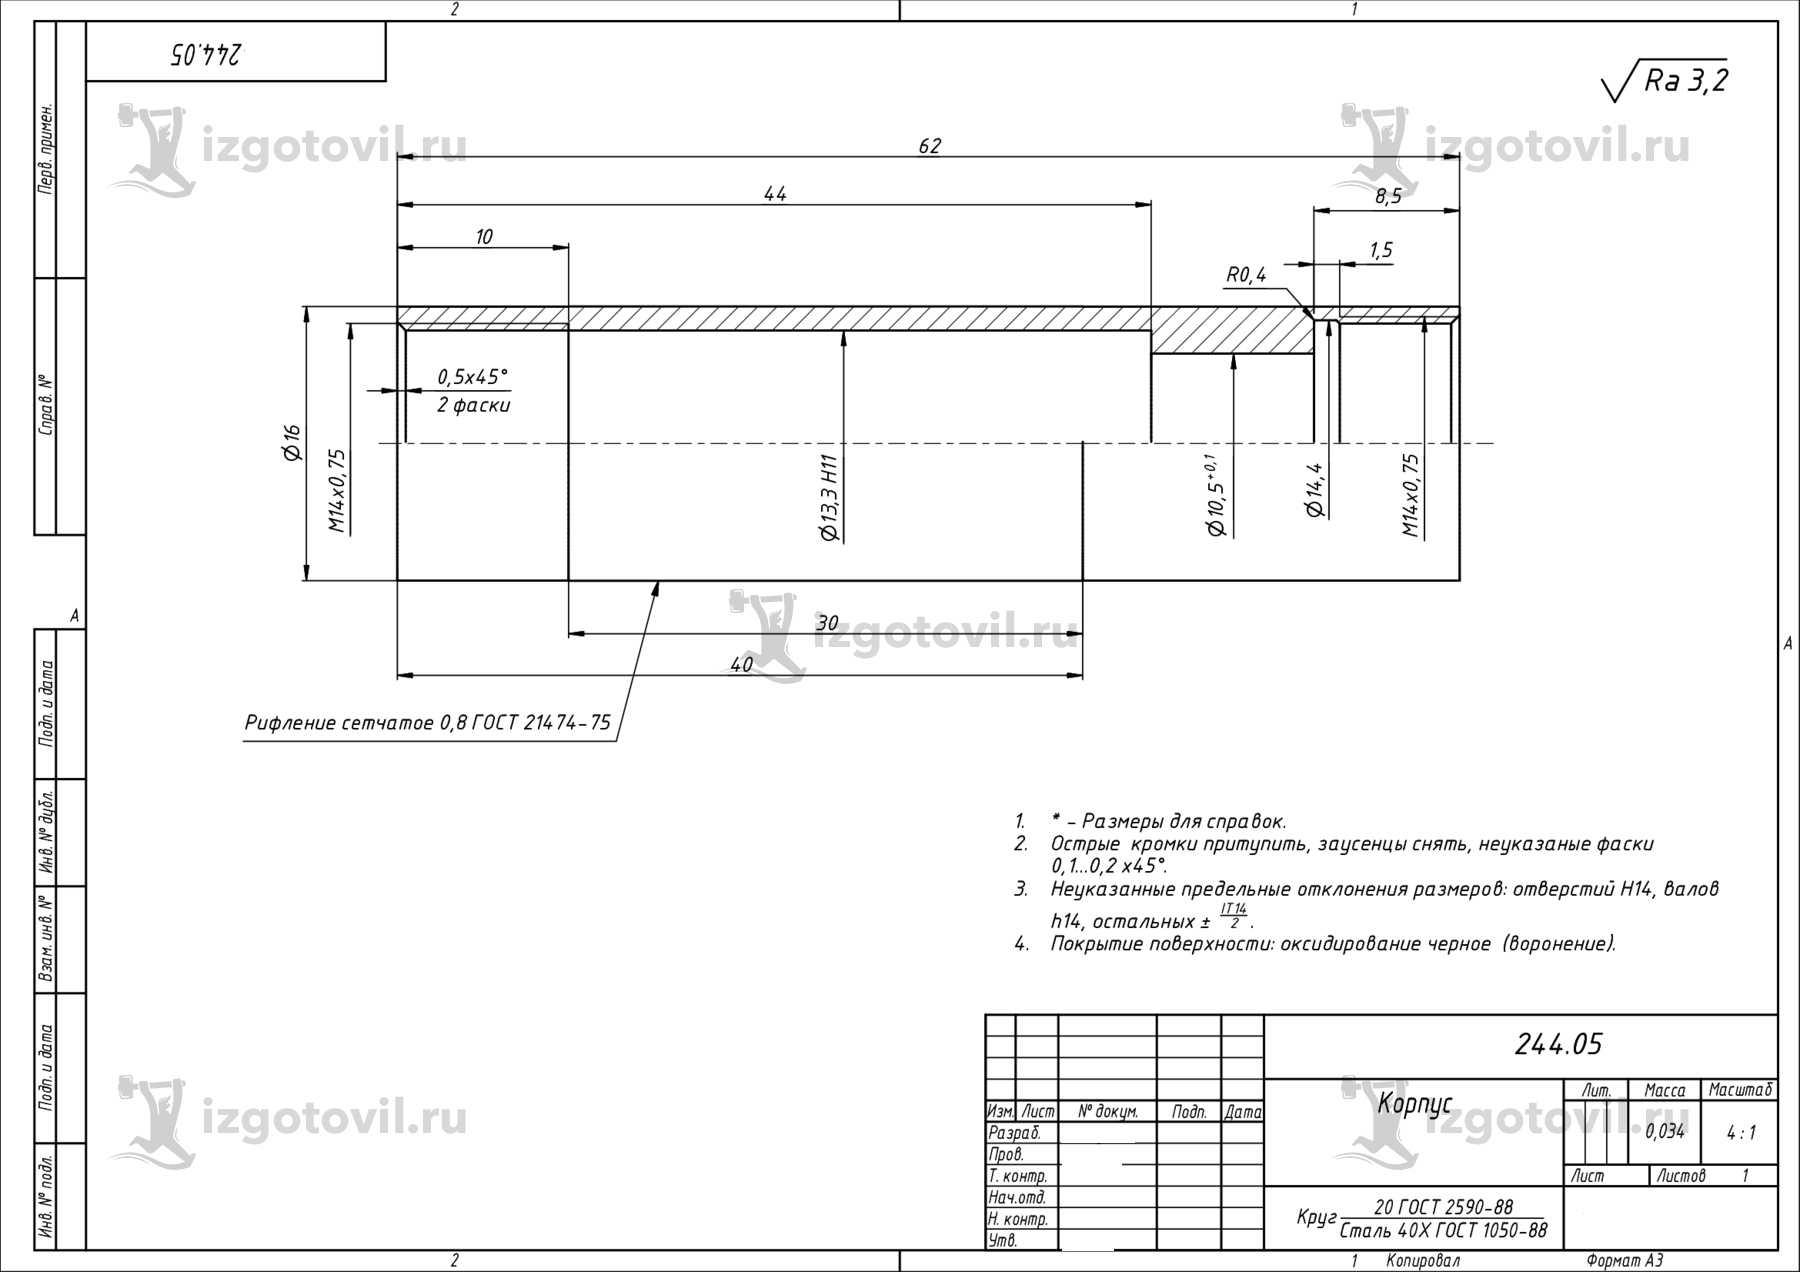 Необходимо изготовление деталей: корпус и литер корпуса